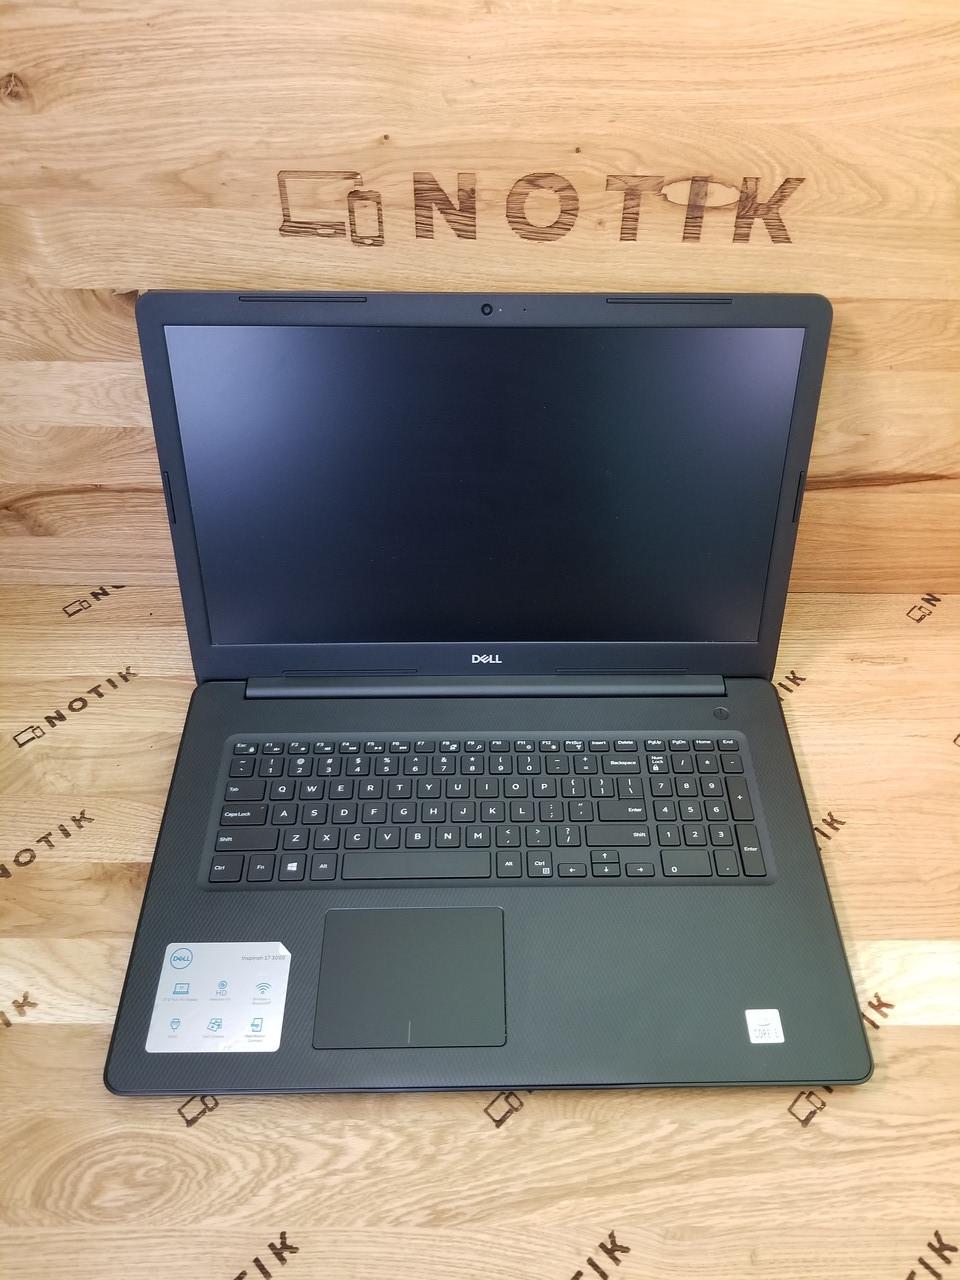 Dell Inspiron 17 3000  i5-1035G1/8Gb/1Tb HDD/Intel UHD /Full HD IPS 1920*1080/підсвітка NEW BOX